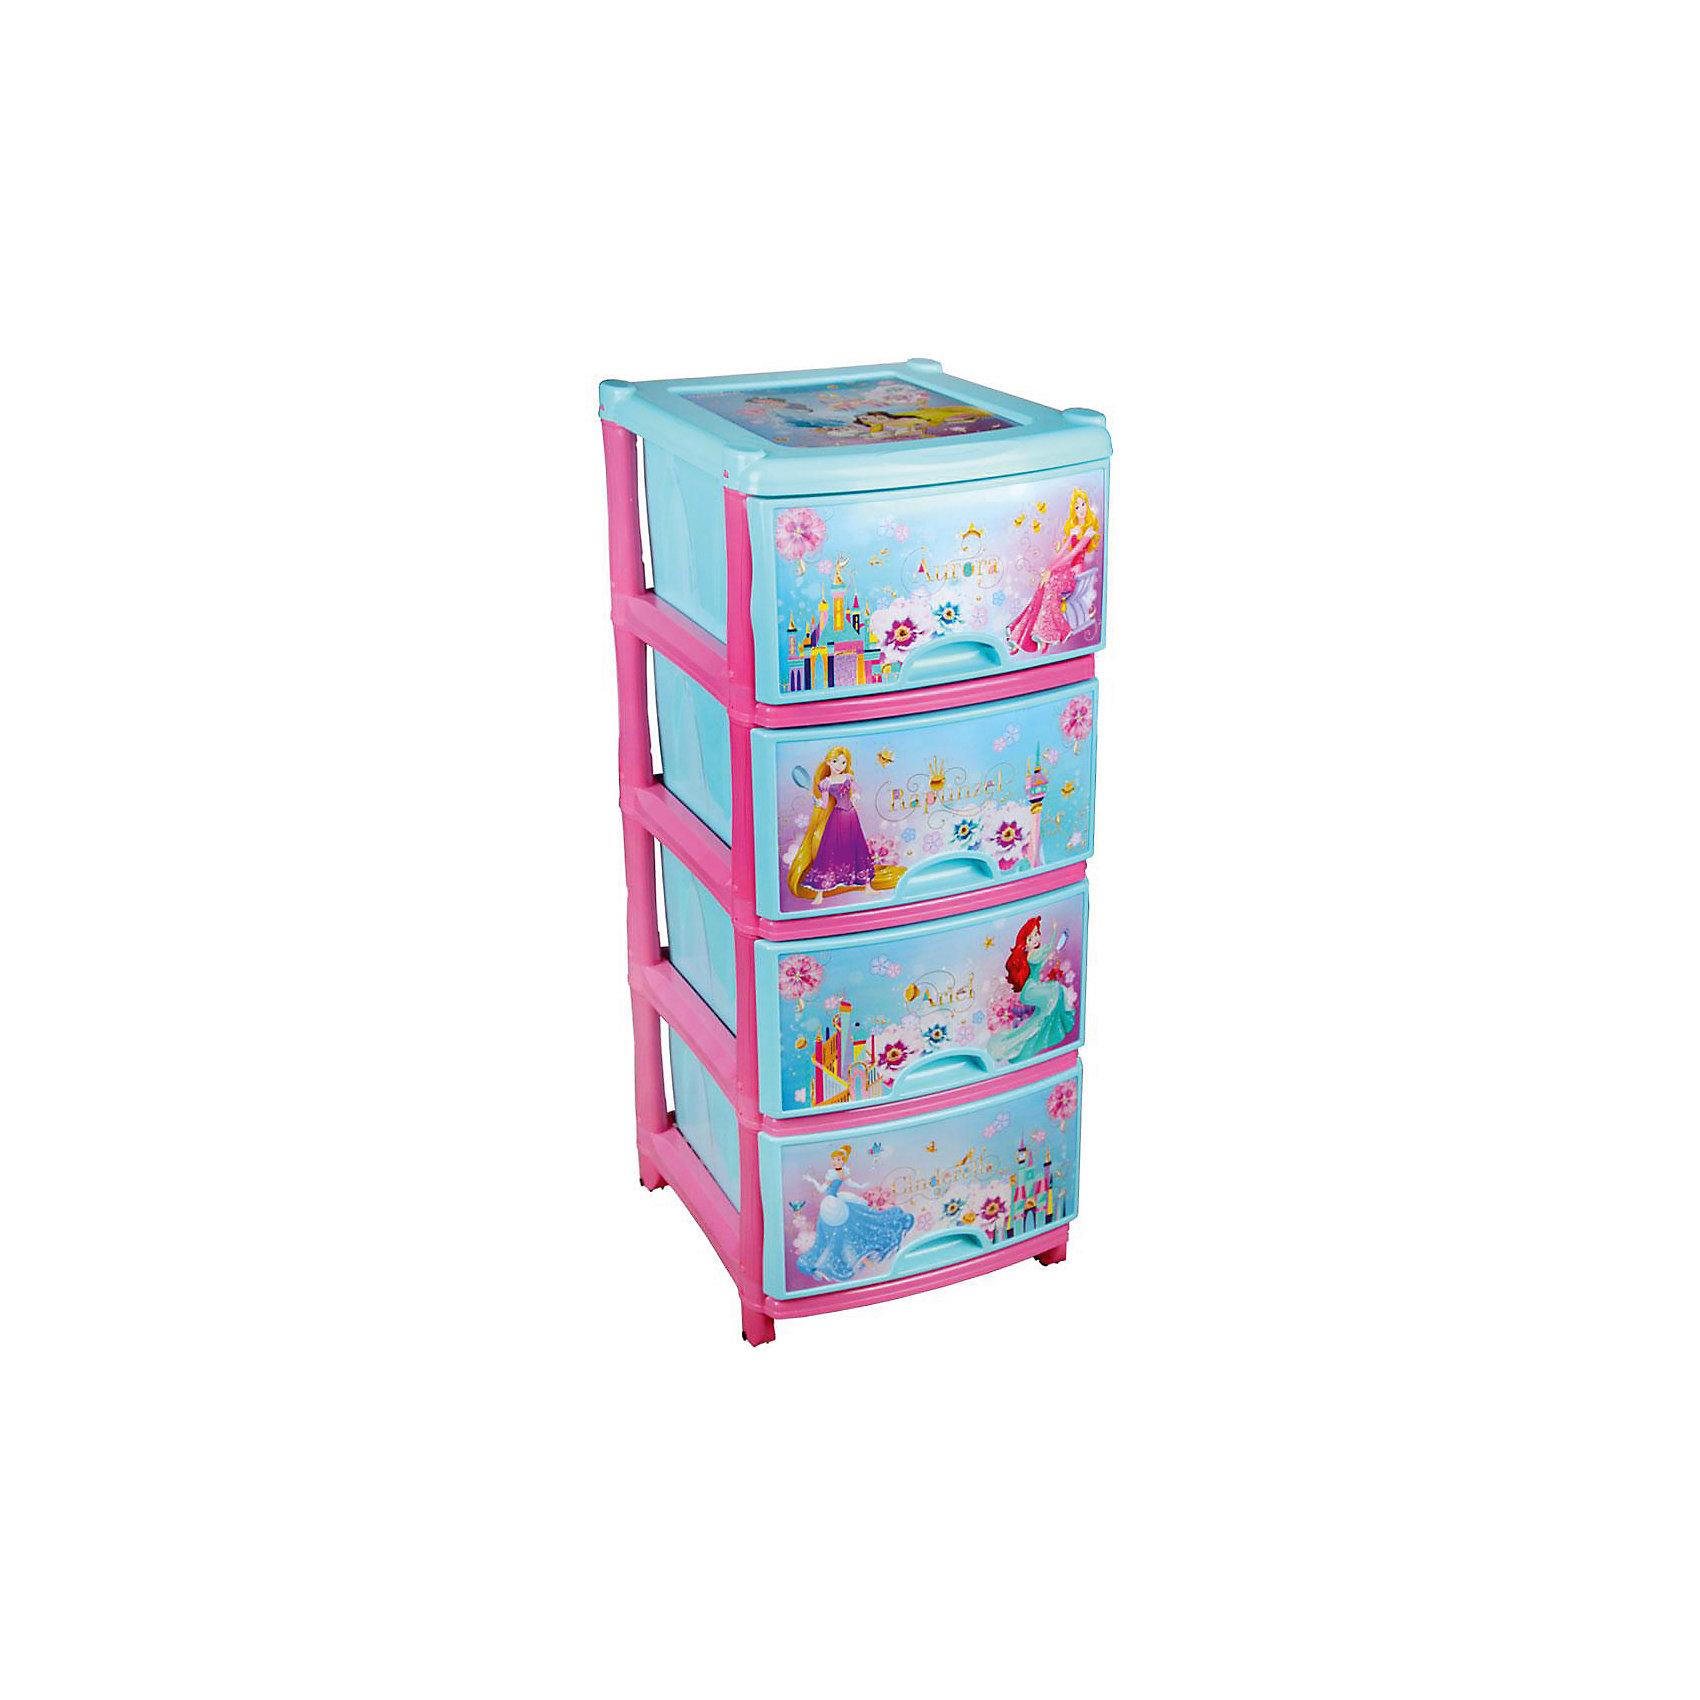 Комод Принцессы Дисней №4 4-х секц., AlternativaПорядок в детской<br>Характеристики:<br><br>• Предназначение: для хранения игрушек, одежды, канцелярских принадлежностей и материалов для творчества<br>• Пол: для девочки<br>• Материал: пластик<br>• Цвет: розовый, голубой, желтый<br>• Размер (Д*Ш*В):  48*38*98 см<br>• Вес: 5 кг 250 г<br>• Количество секций: 4 шт.<br>• Тип ящиков: выдвижные, с ручками<br>• В комплекте имеется инструкция по сборке<br>• Форма: прямоугольный<br>• Особенности ухода: разрешается мыть теплой водой<br><br>Комод Дисней №4 4-х секц., Alternativa изготовлен отечественным производителем ООО ЗПИ Альтернатива, который специализируется на выпуске широкого спектра изделий и предметов мебели из пластика. Комод выполнен из экологически безопасного материала, устойчивого к механическим повреждениям. Имеет компактный размер и повышенную вместимость за счет глубоких ящиков. Каркас комода устойчивый, ножки оснащены маленькими колесиками для удобства передвижения. Ящики оформлены сюжетами с самыми знаменитыми и любимыми принцессами Диснея. Комод Дисней №4 4-х секц., Alternativa станет не только полезным для хранения игрушек, одежды и различных принадлежностей, но и ярким предметом интерьера. <br><br>Комод Дисней №4 4-х секц., Alternativa можно купить в нашем интернет-магазине.<br><br>Ширина мм: 480<br>Глубина мм: 380<br>Высота мм: 980<br>Вес г: 4441<br>Возраст от месяцев: -2147483648<br>Возраст до месяцев: 2147483647<br>Пол: Женский<br>Возраст: Детский<br>SKU: 5096523